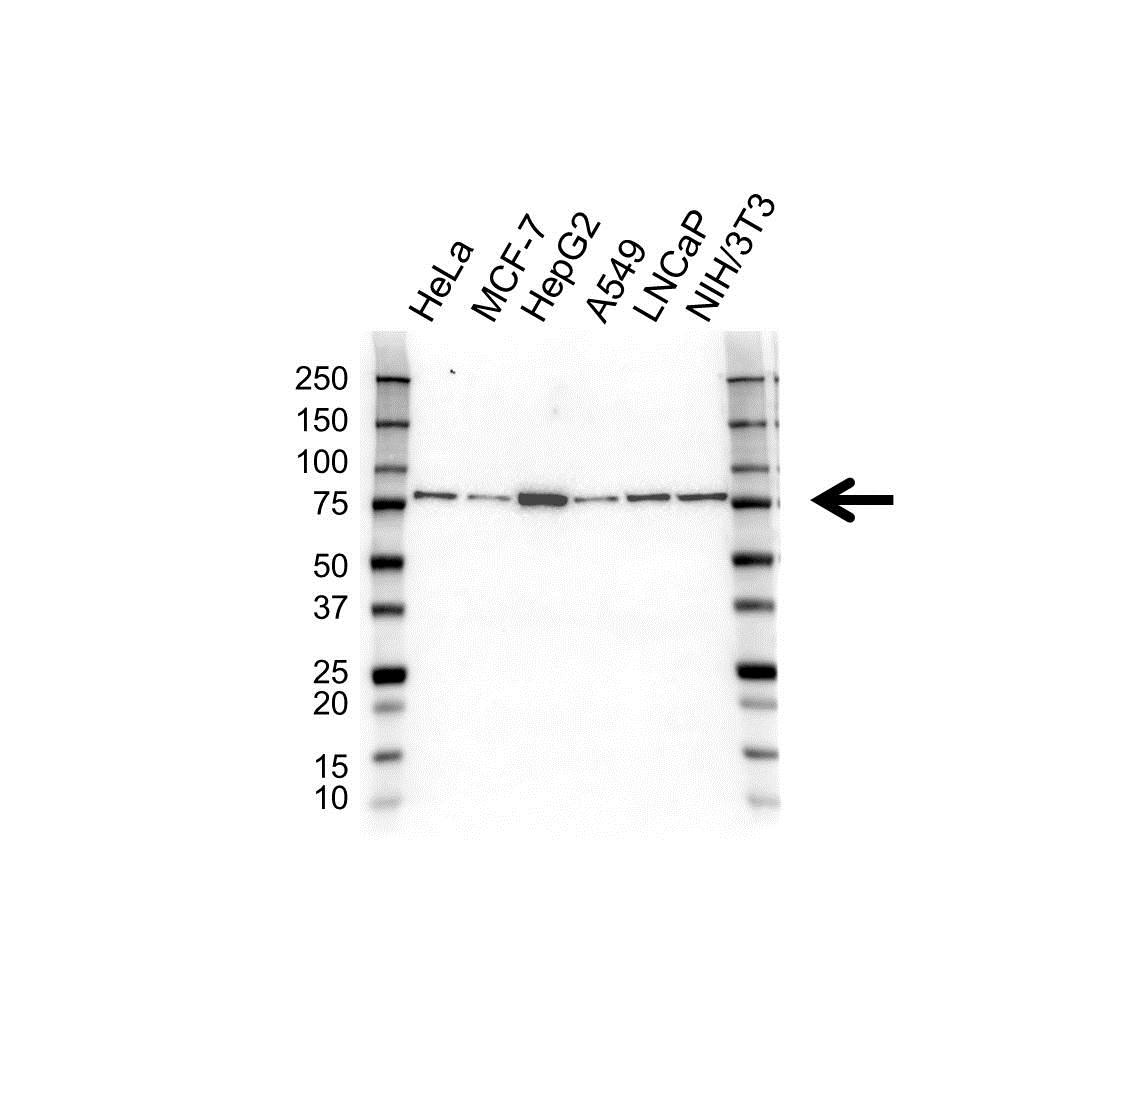 Anti Heat Shock 70 Kda Protein 5 Antibody (PrecisionAb Monoclonal Antibody) gallery image 1